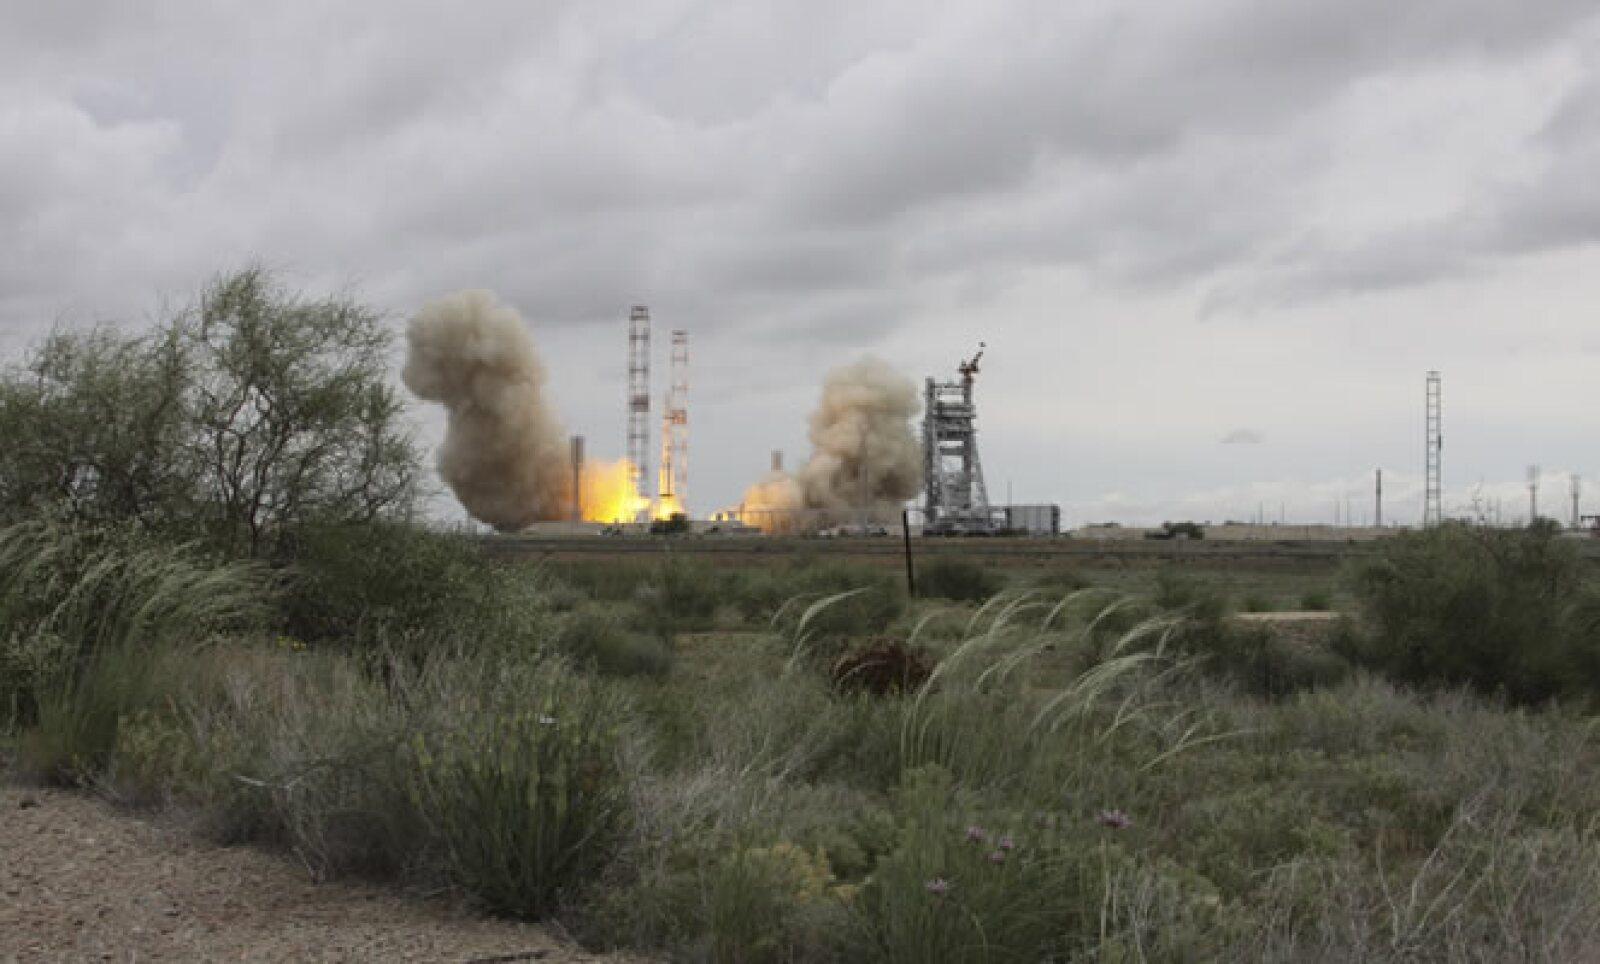 Las fallas serán investigadas por una comisión integrada por especialistas y la empresa propietaria y responsable del lanzamiento, International Launch Services.